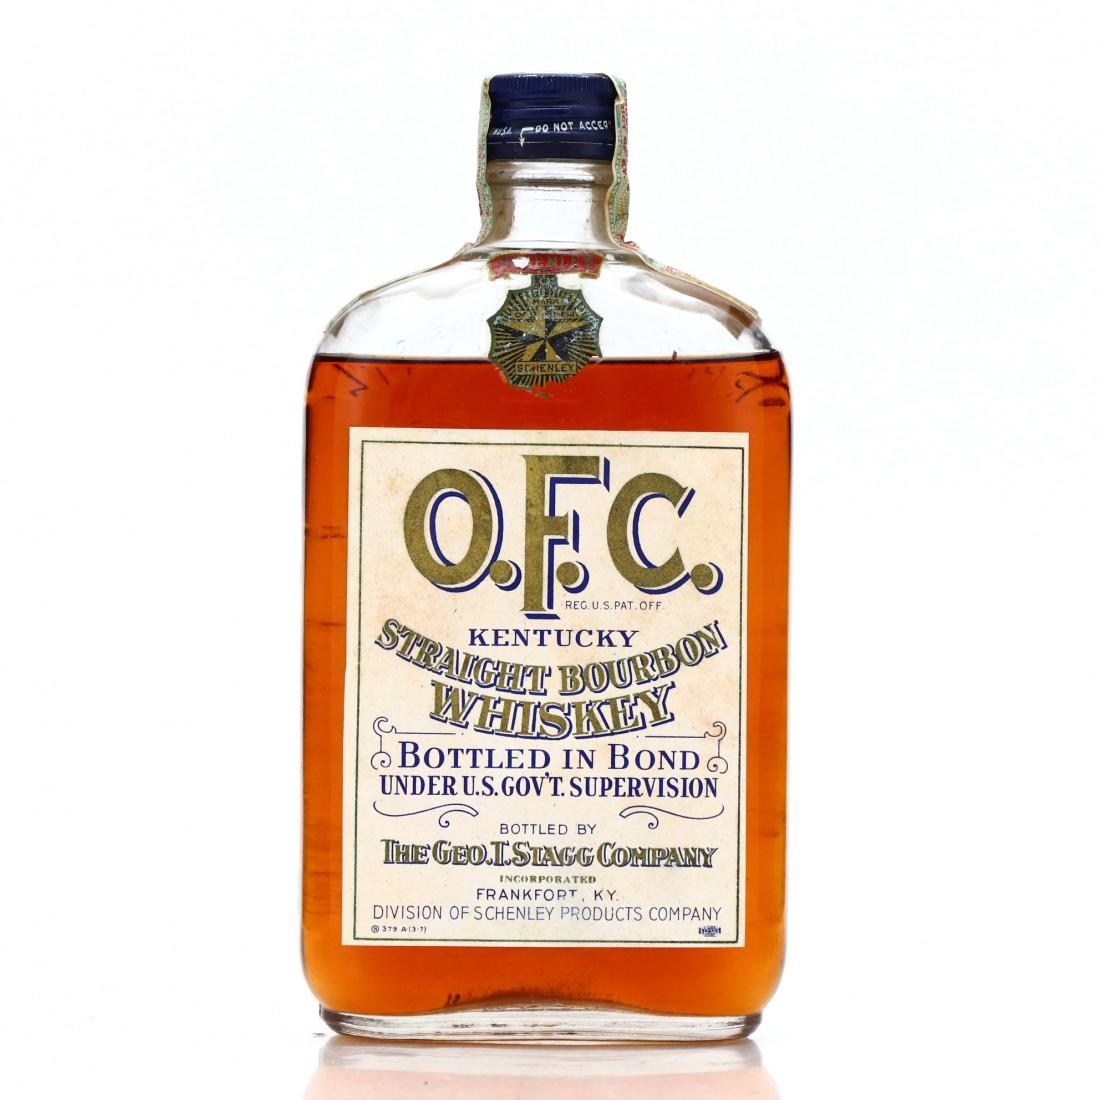 OFC 1916 Bottled in Bond Bourbon / Prohibition Era Bottling